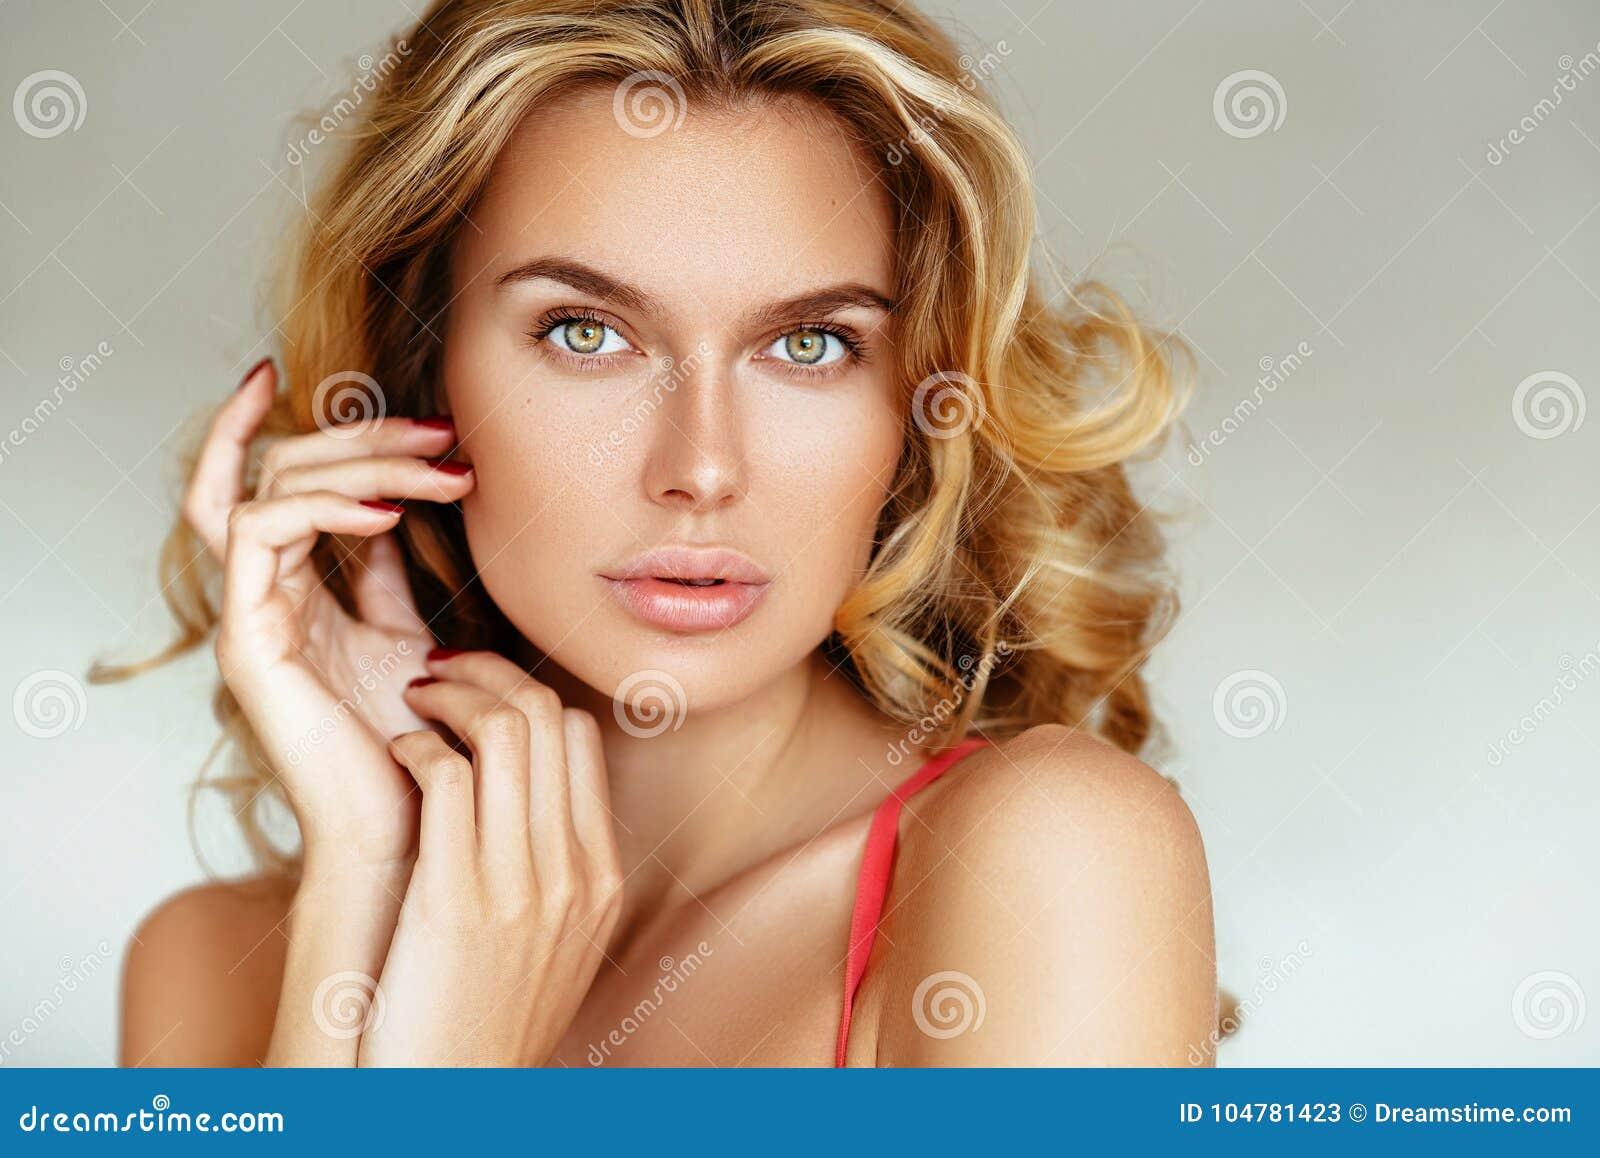 Härlig, mjuk sexig blond flicka med långt hår och pösiga kanter utan makeup som poserar i rosa damunderkläder på en vit bakgrund